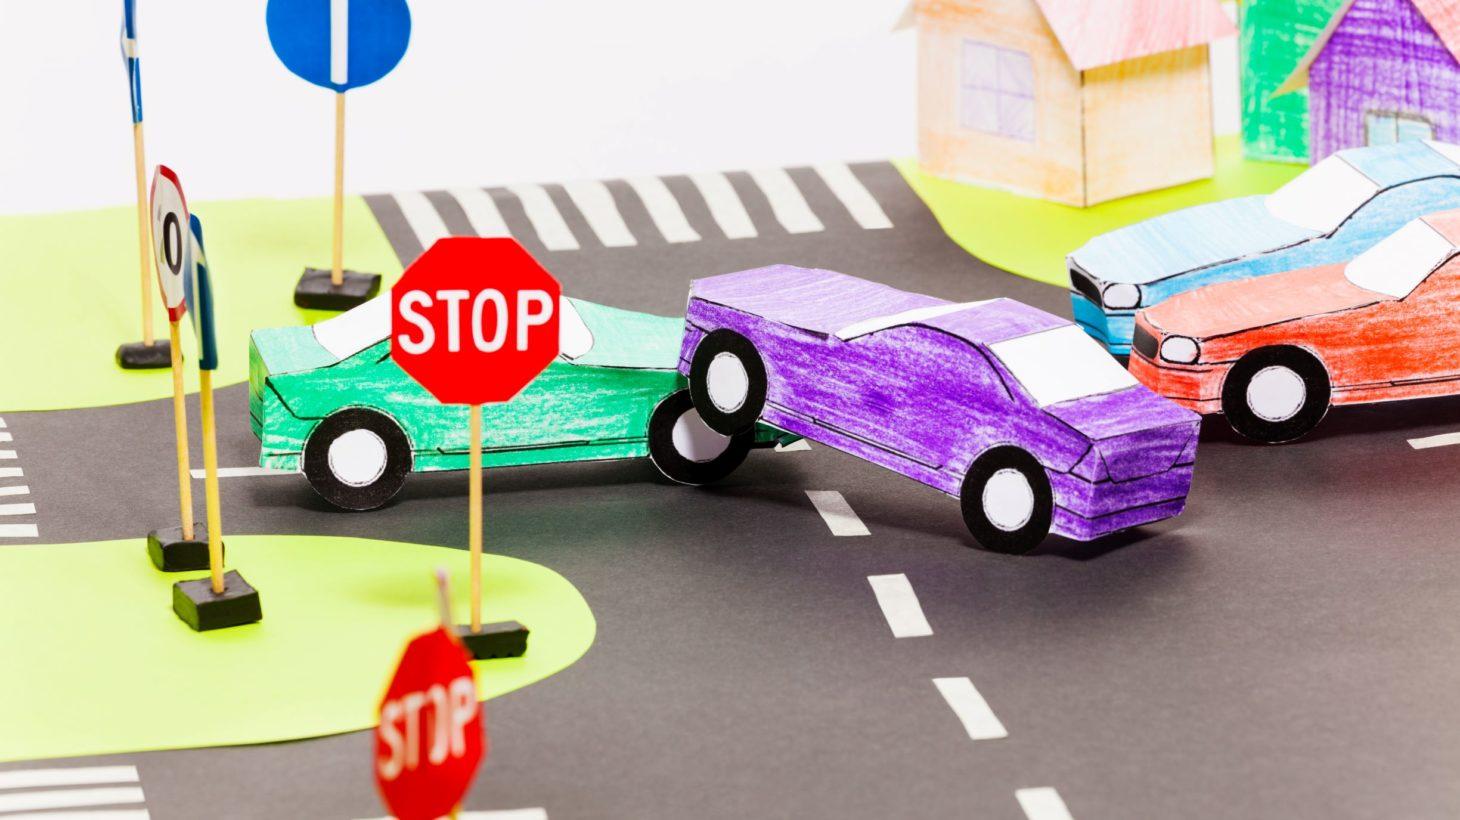 Lekmiljö med bilar, gator och trafikskyltar.